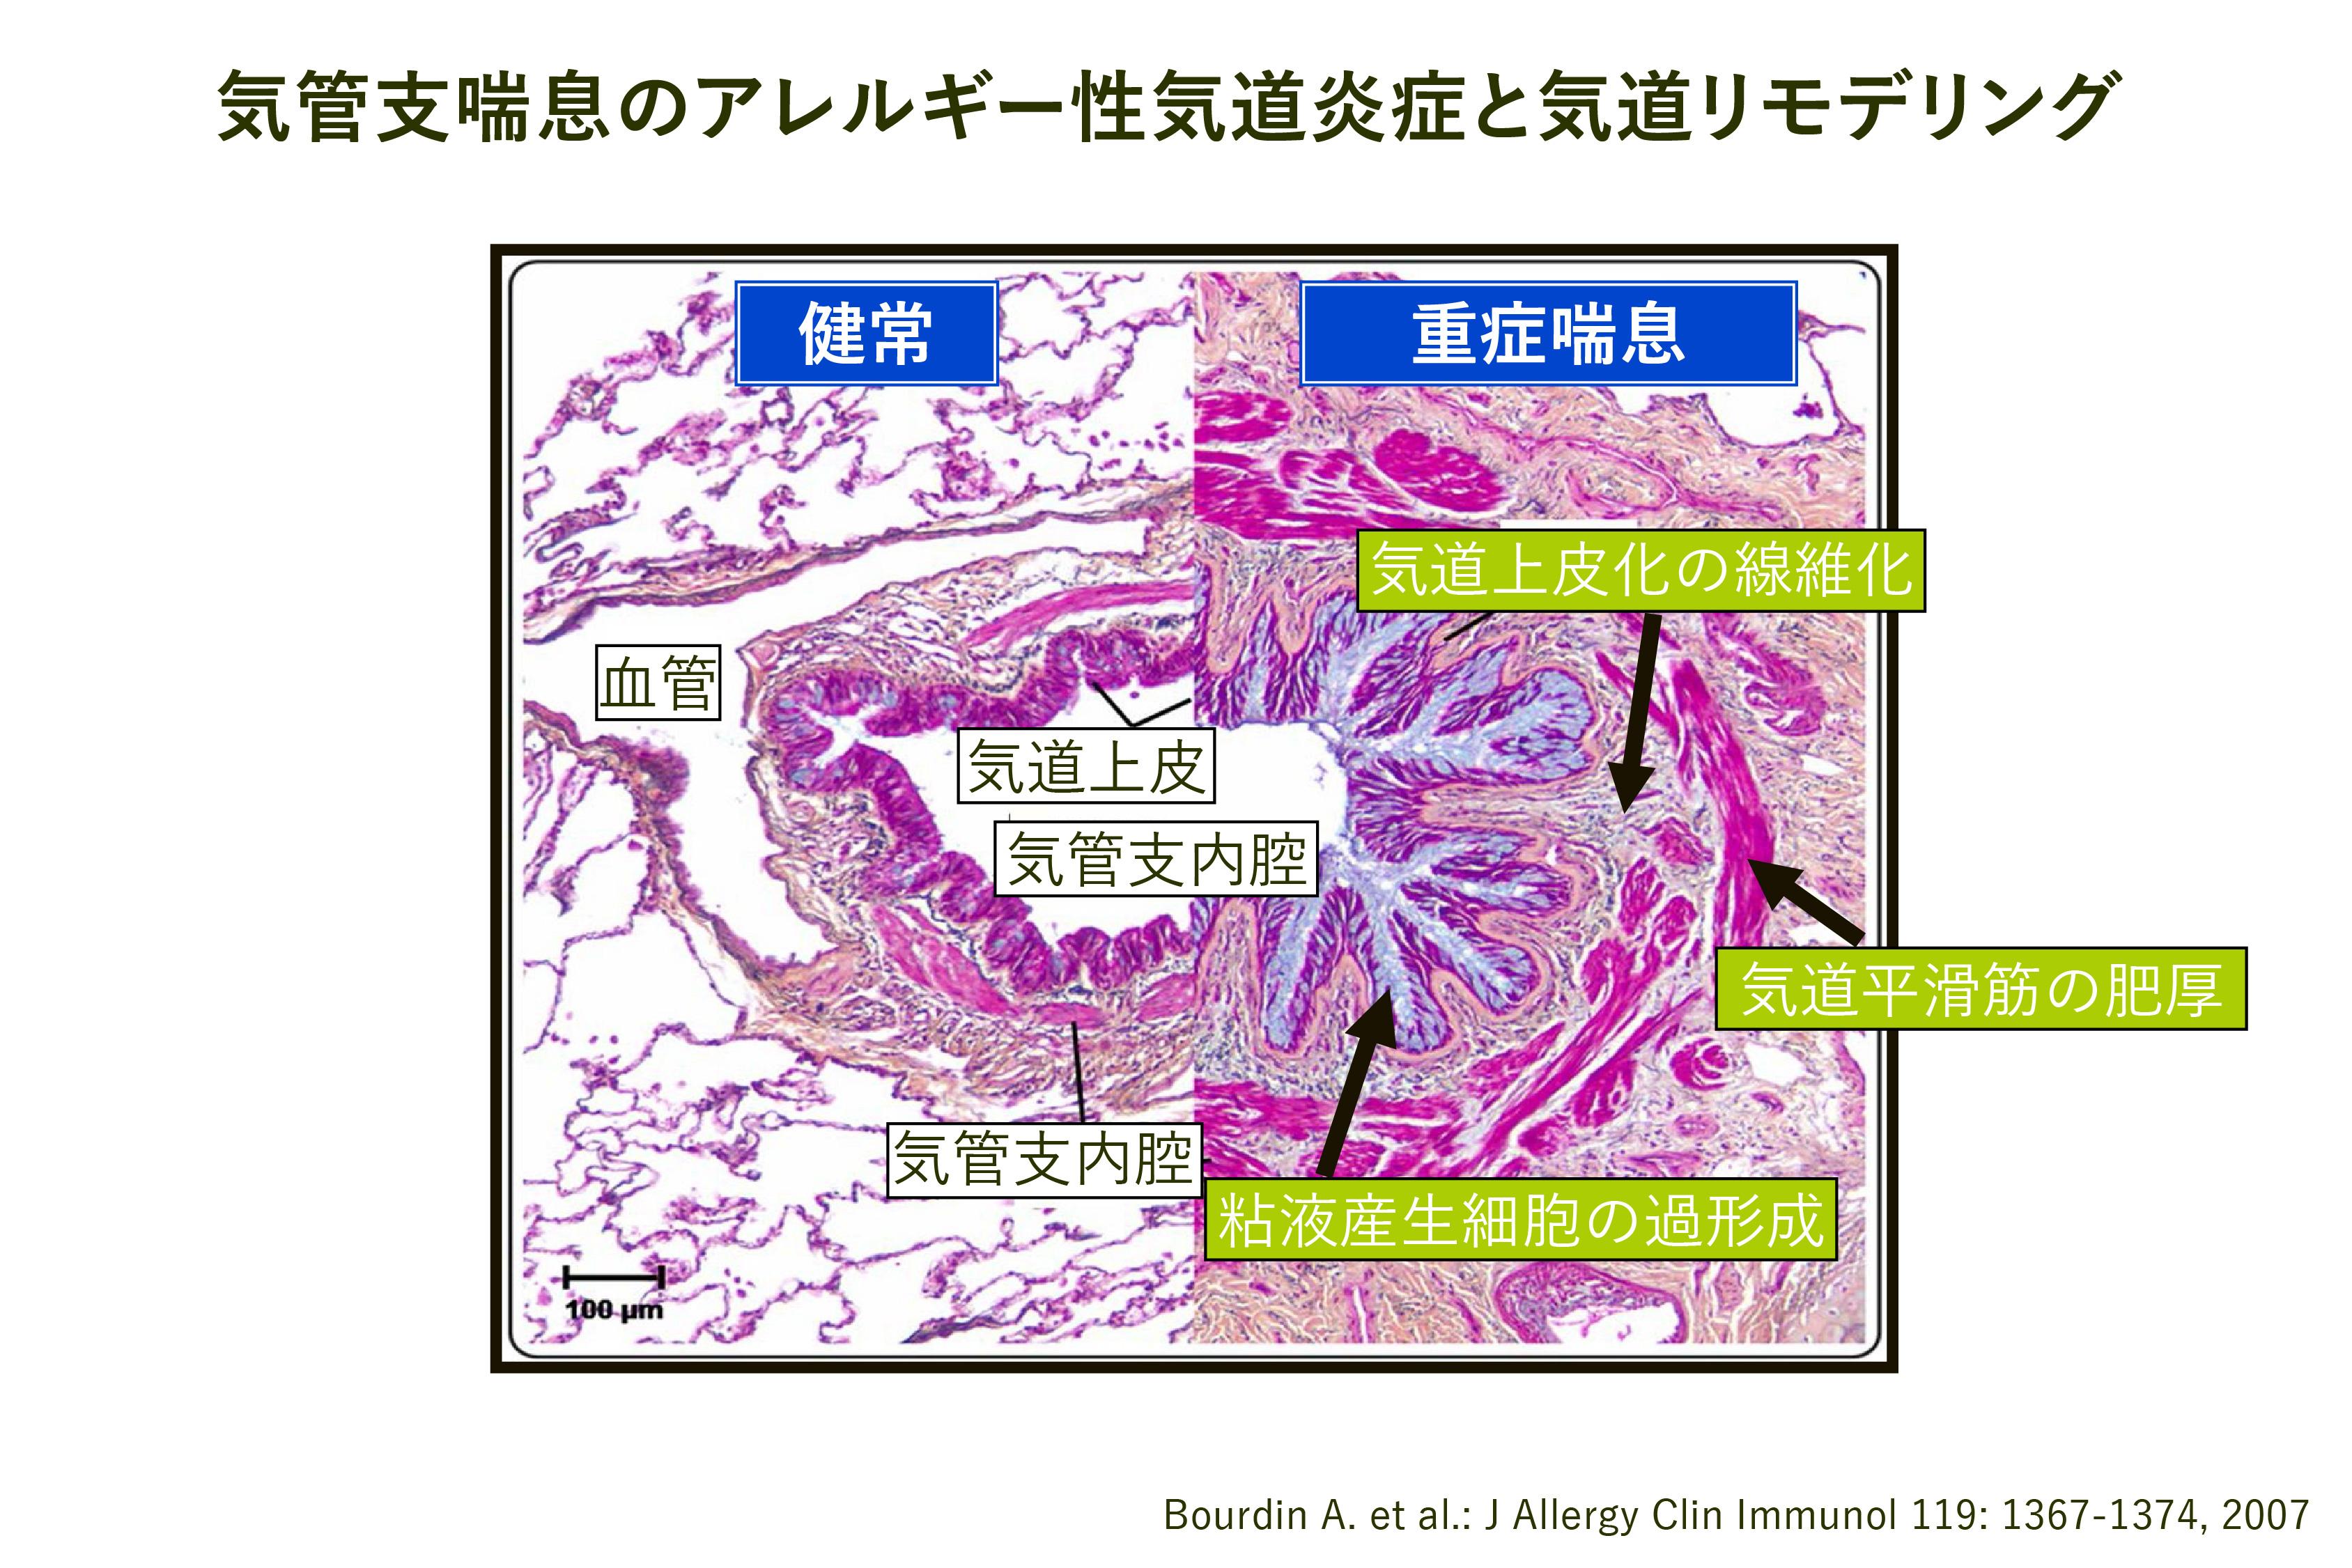 非古典的な副腎過形成